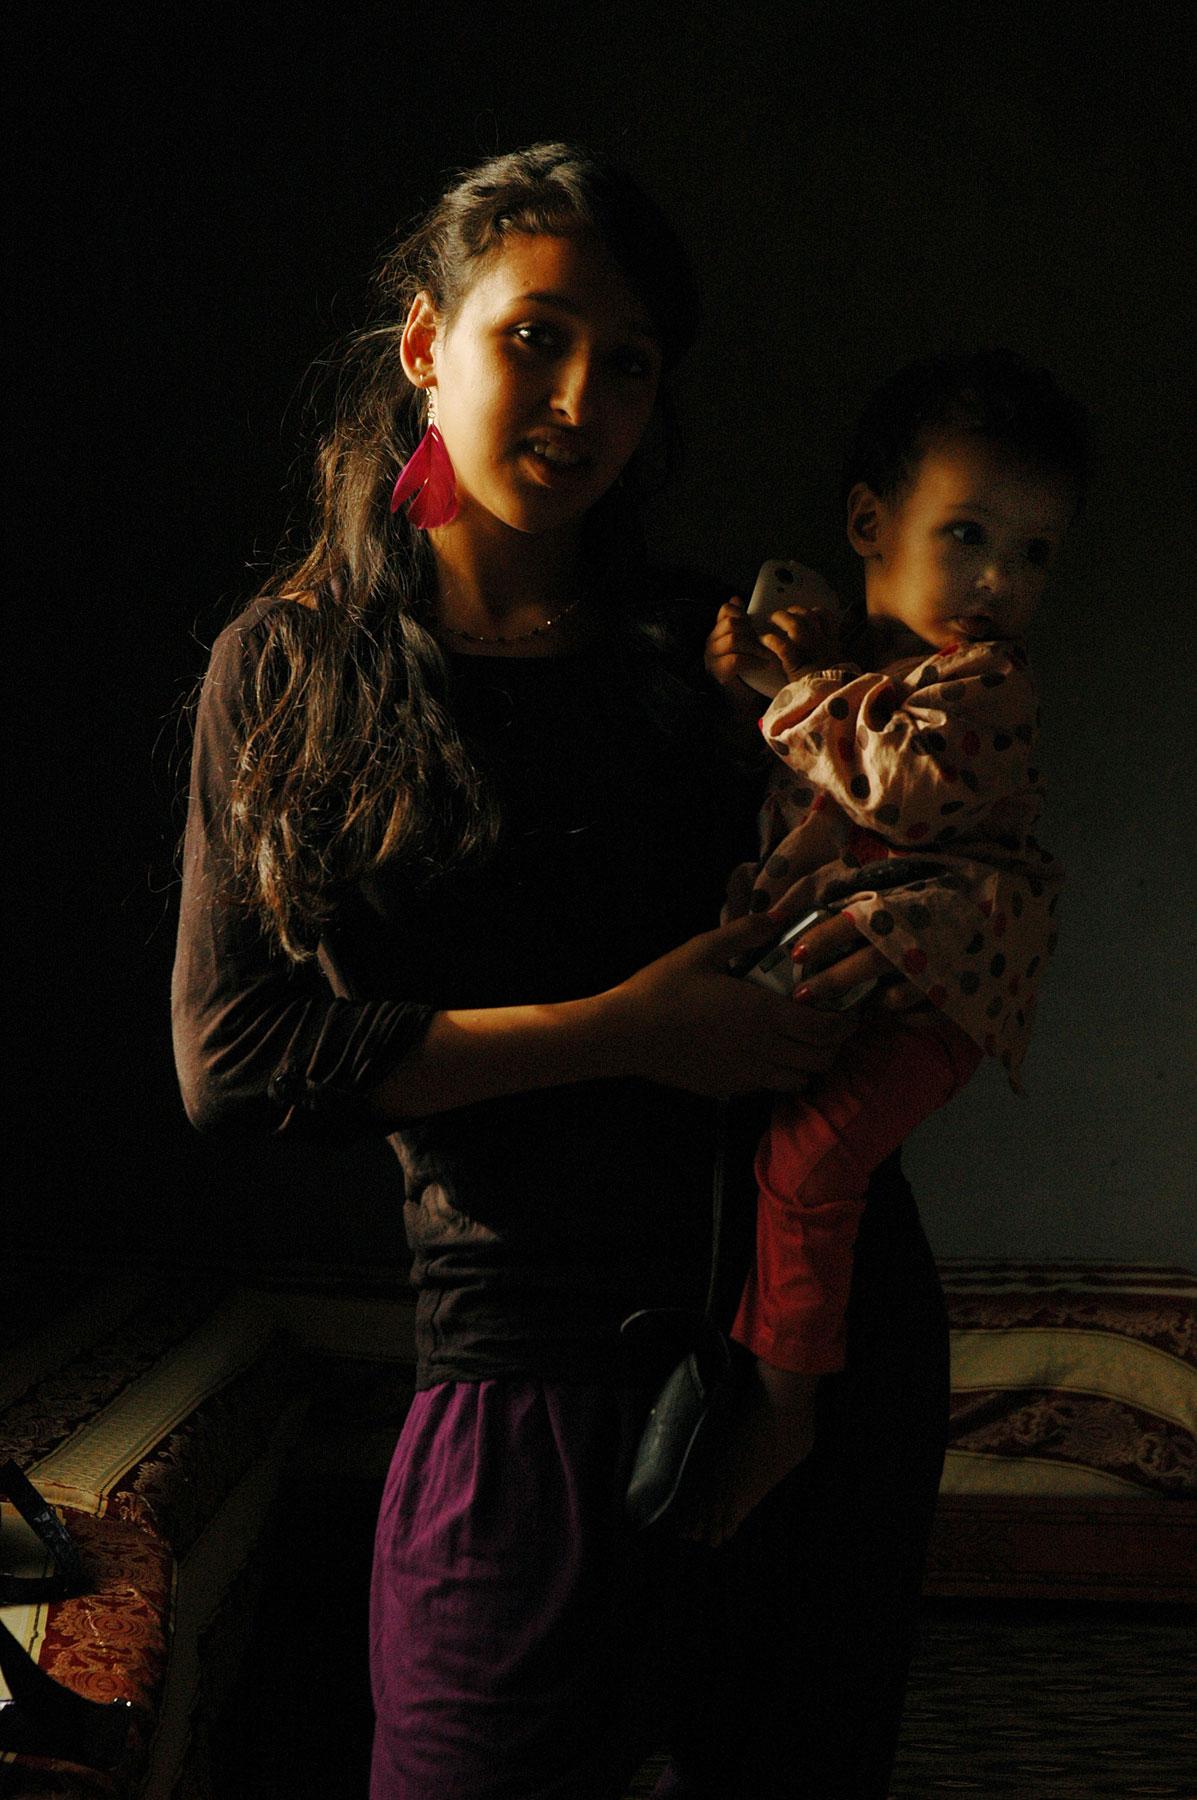 Fatima et l'enfant, photographie, 2013